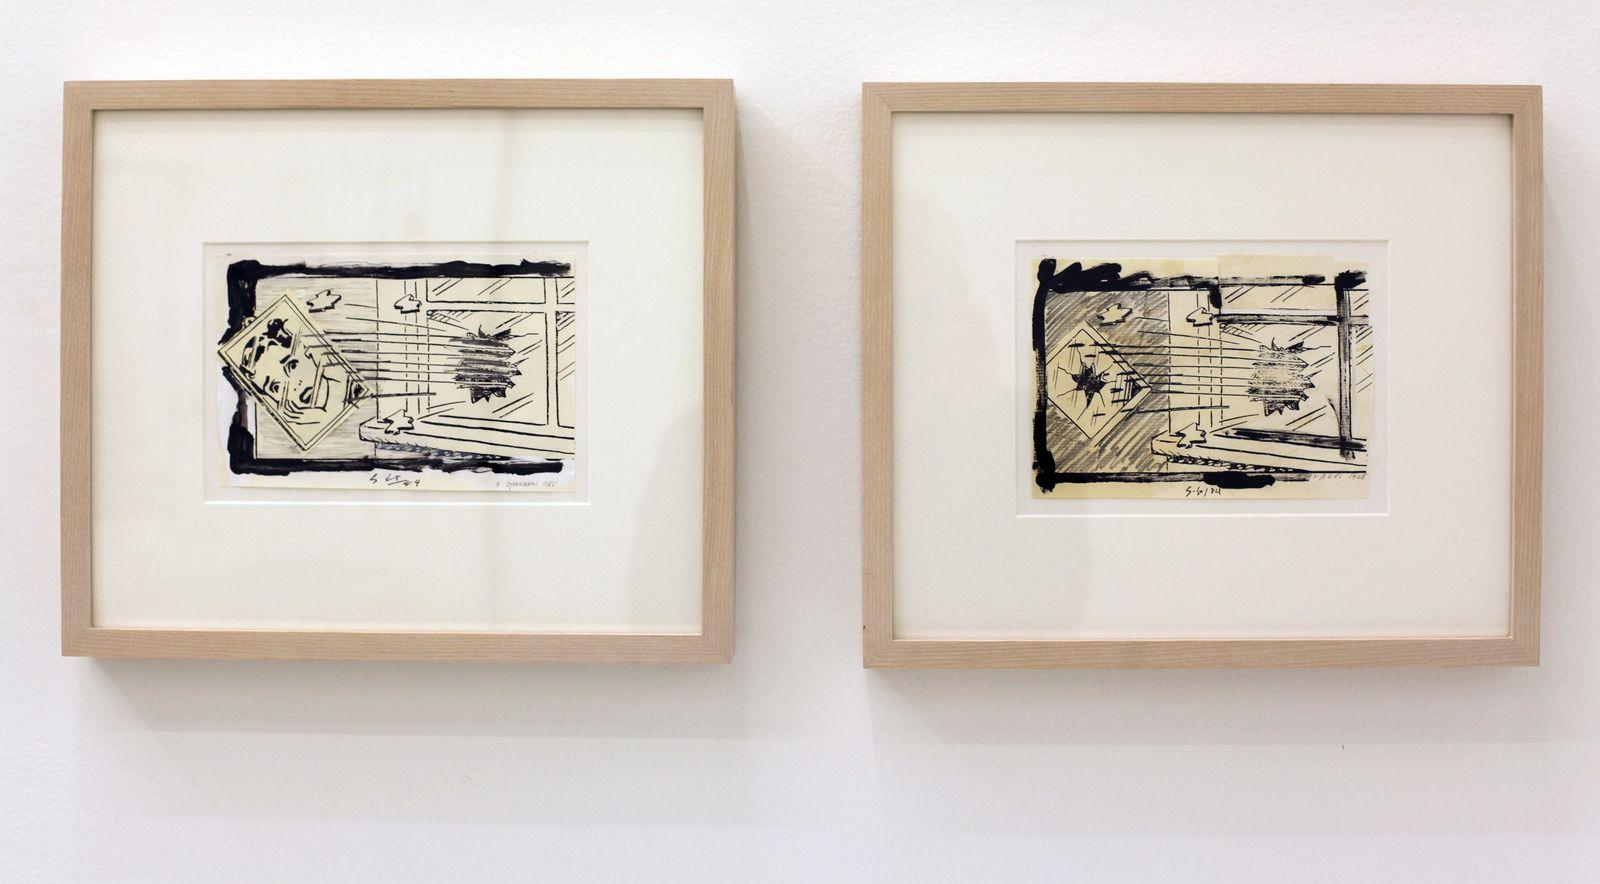 """""""Out of the window 1 et 2"""", 1984 - 1988 de Steve GIANAKOS - Courtesy Galerie Sémiose © Photo Éric Simon"""